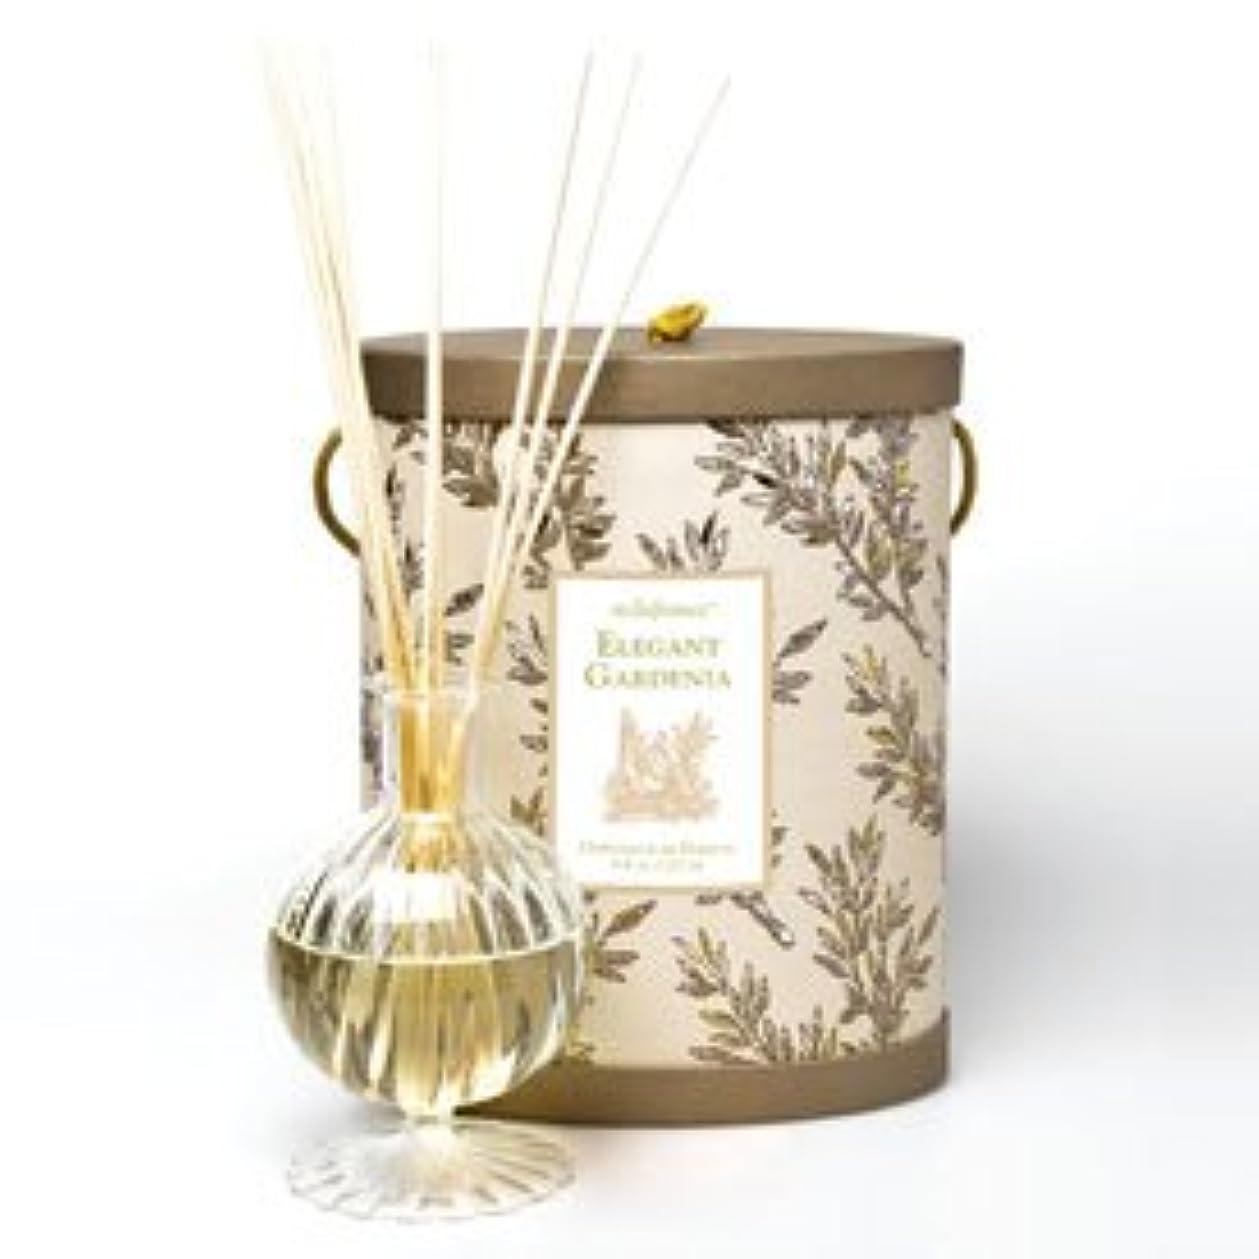 無限大マザーランド震えSeda France Elegant Gardenia Diffuser Set (NEW PACKAGING) by Seda France